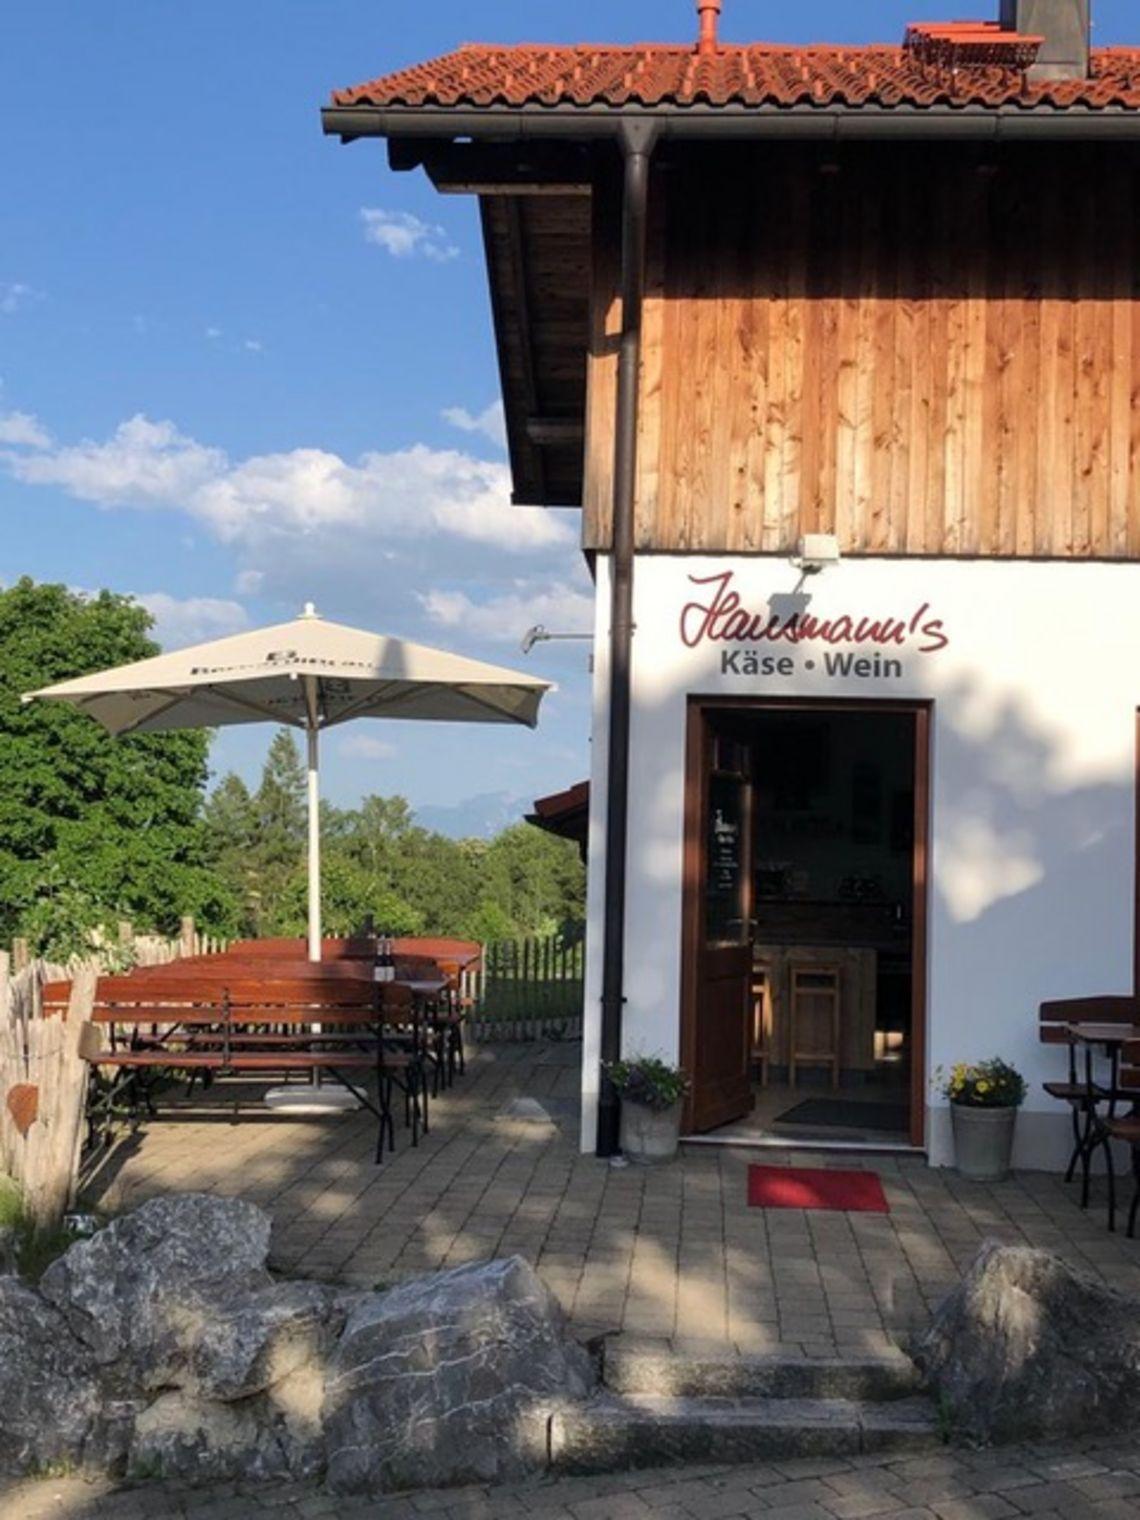 Eingangsbereich Hausmanns' Käse & Wein  - © Cathrin Hausmann , Kur- und Tourismusbüro Oy-Mittelberg